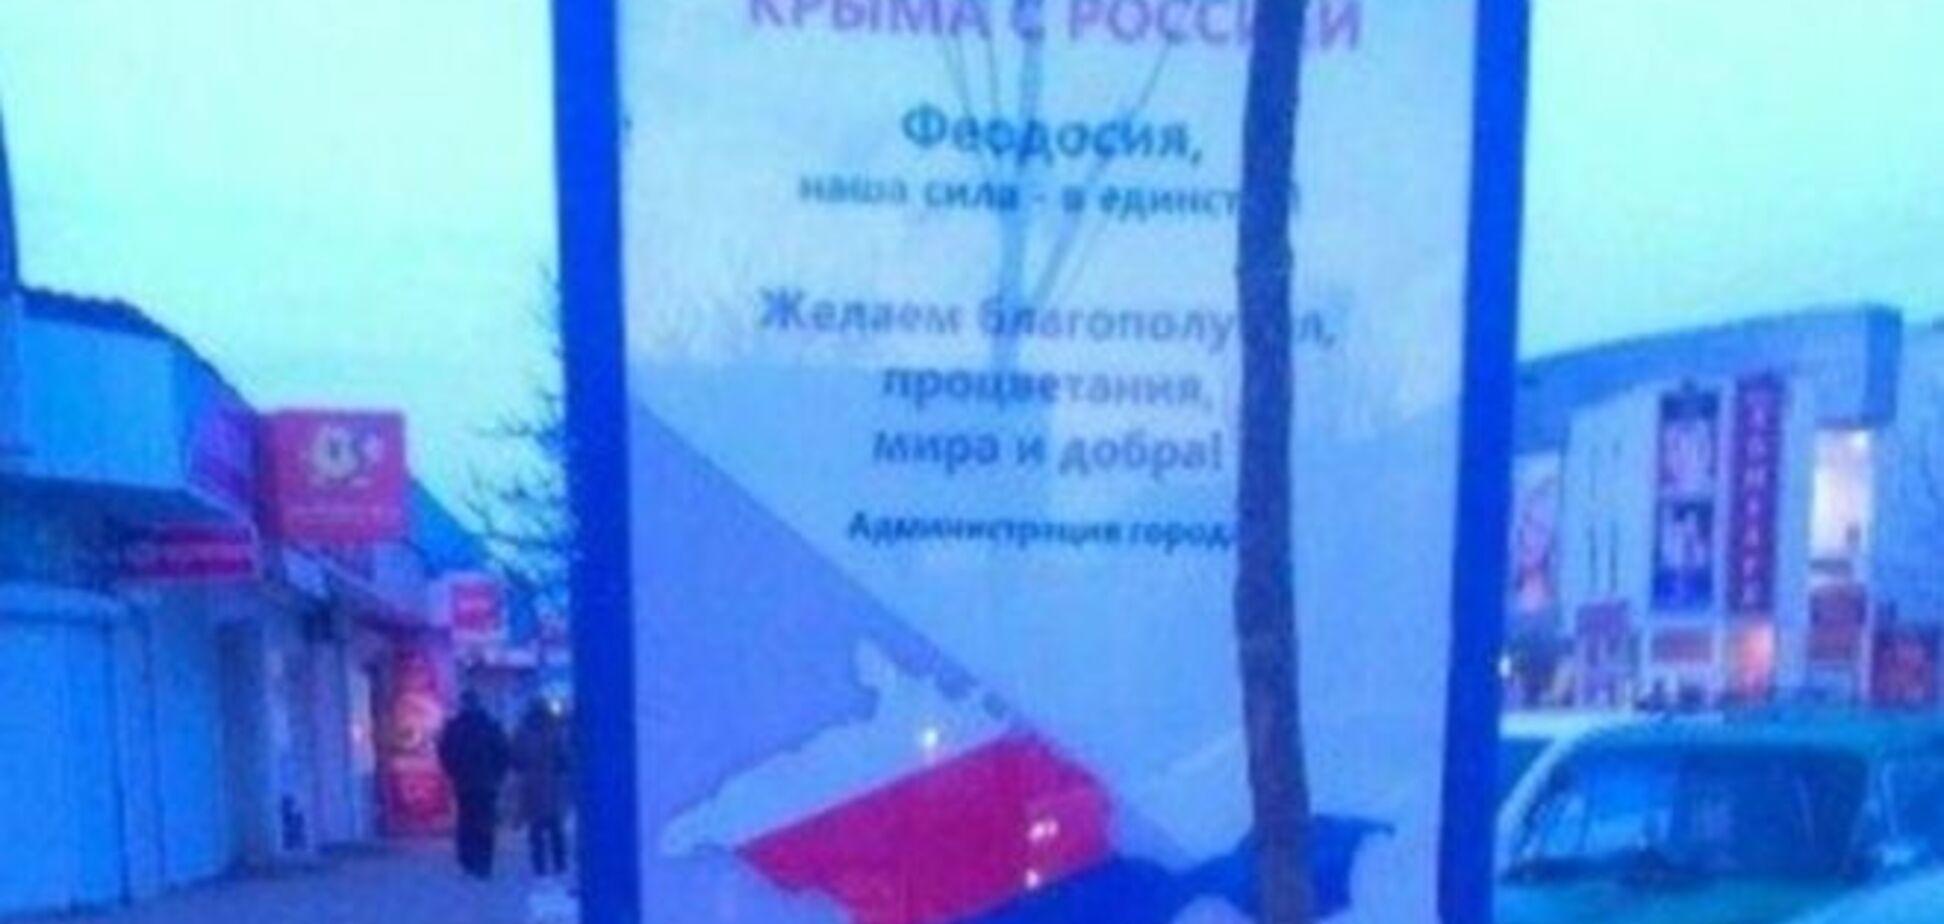 Оккупанты в Феодосии на плакатах в честь 'Крымнаш' использовали придуманный Третьим рейхом флаг